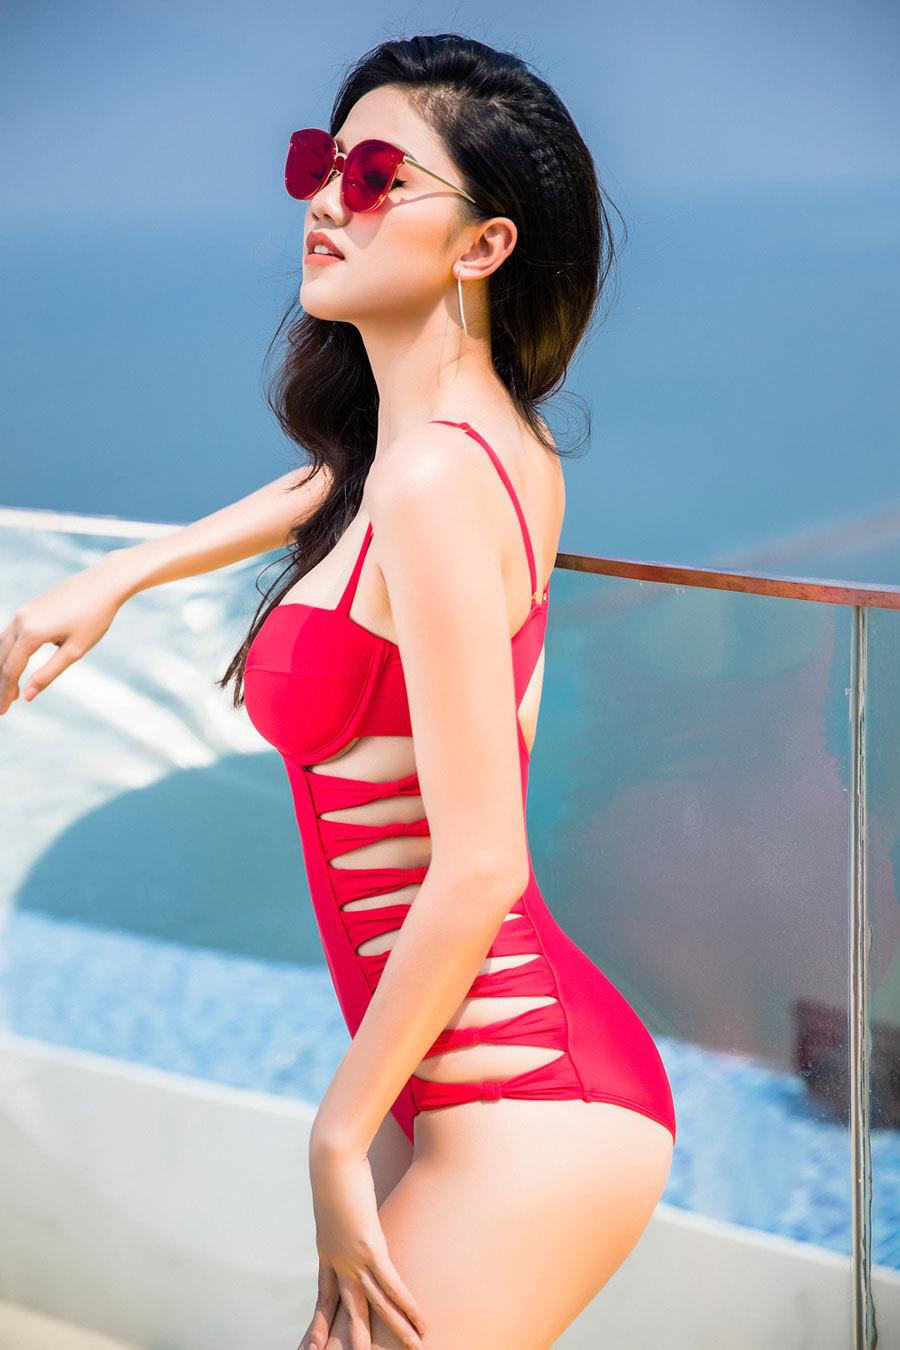 Hoa hậu Mỹ Linh khoe đường cong nóng bỏng với bikini